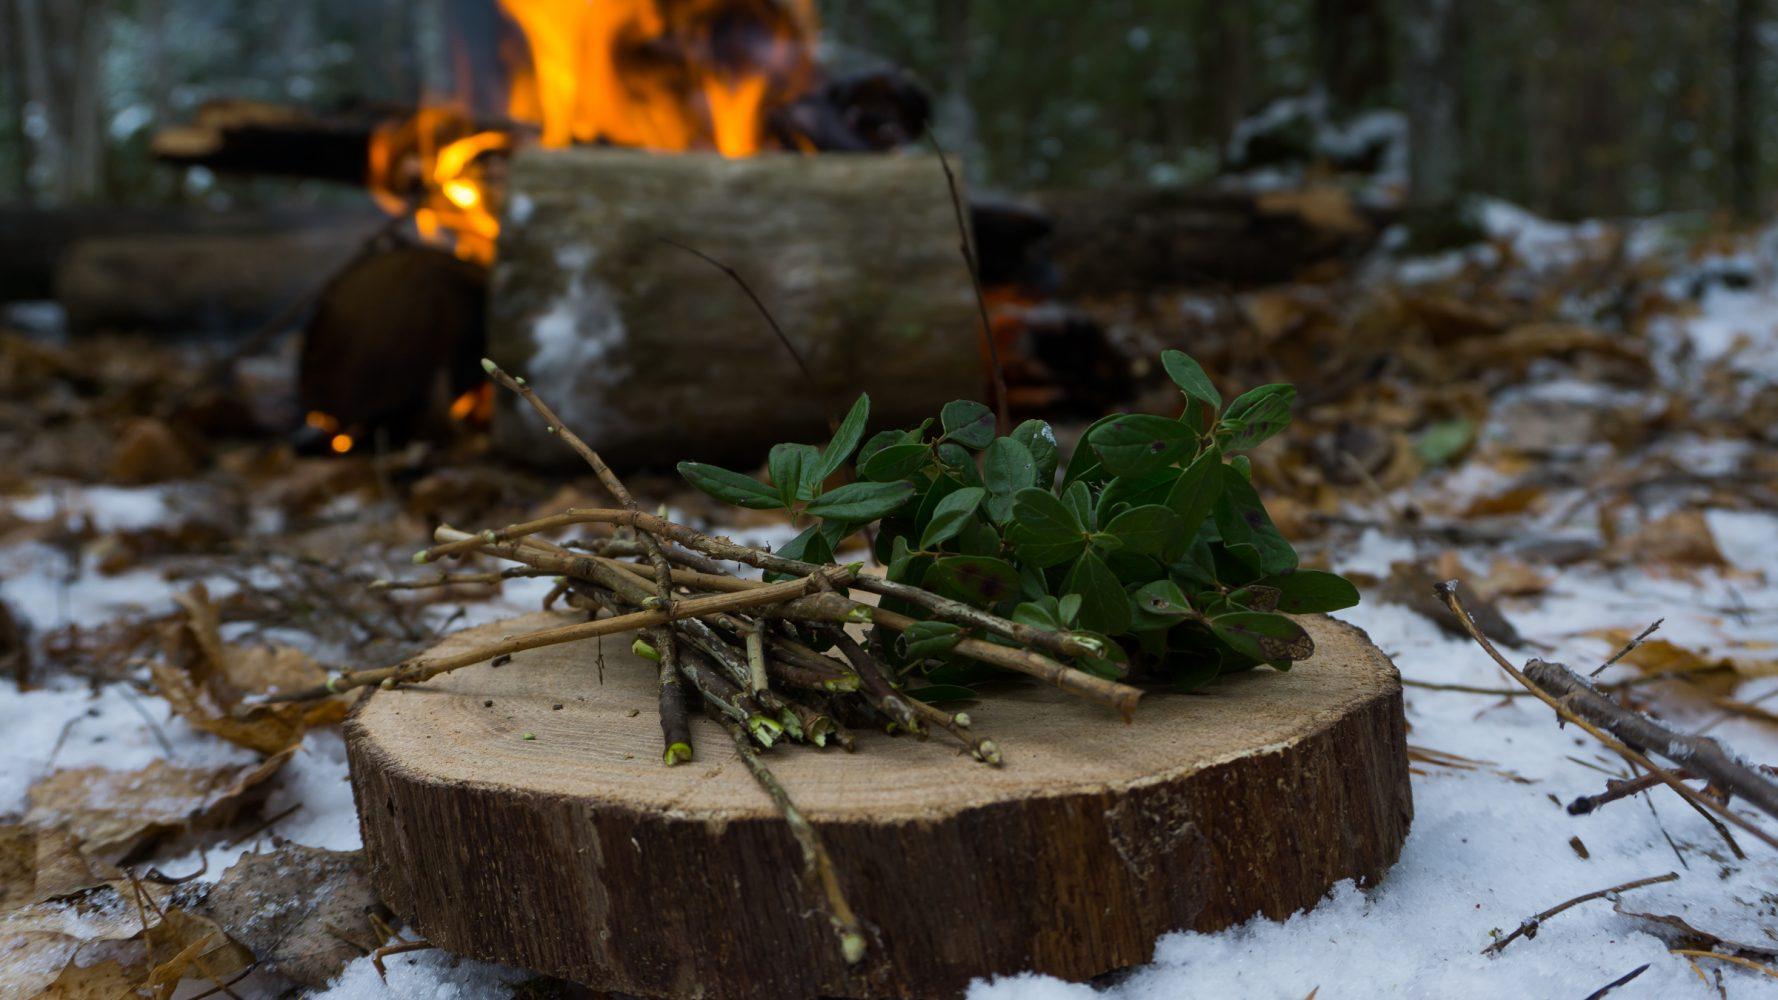 И веточки лесной смородины. Аромат — ах!